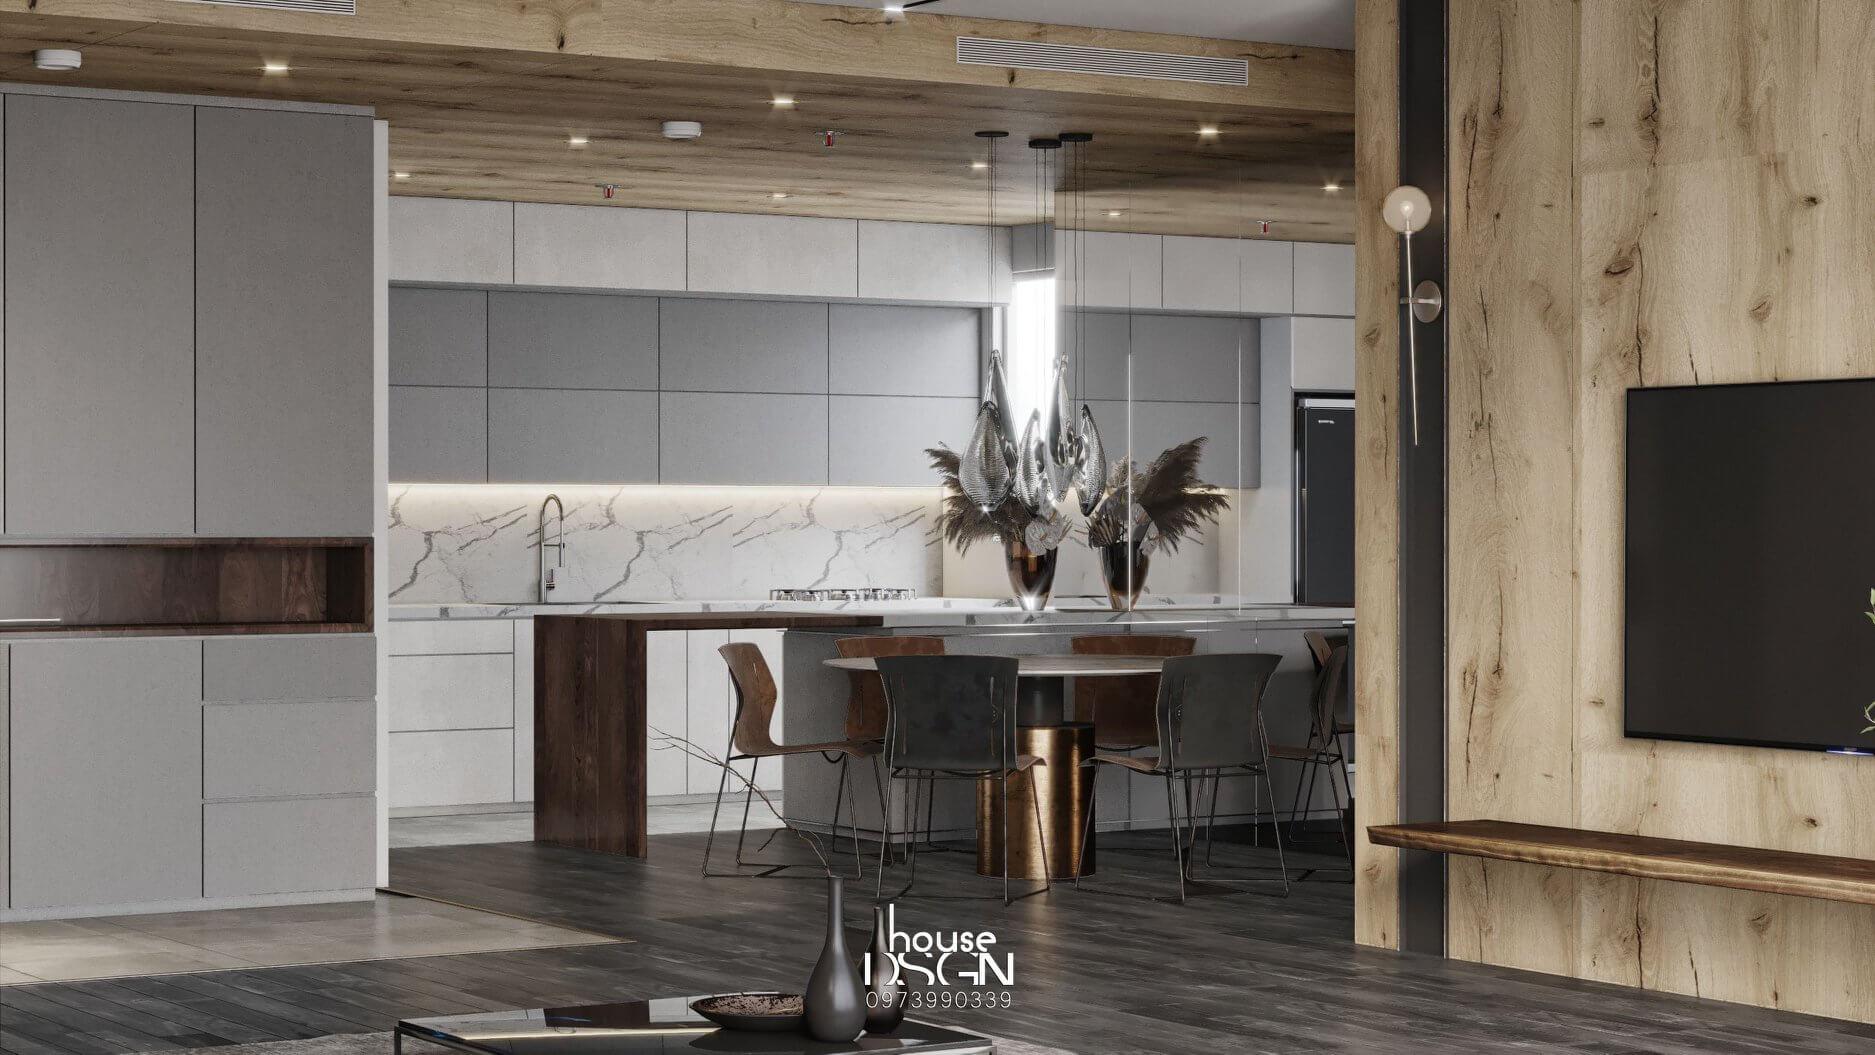 thiết kế nội thất căn hộ chung cư 100m2 sang trọng